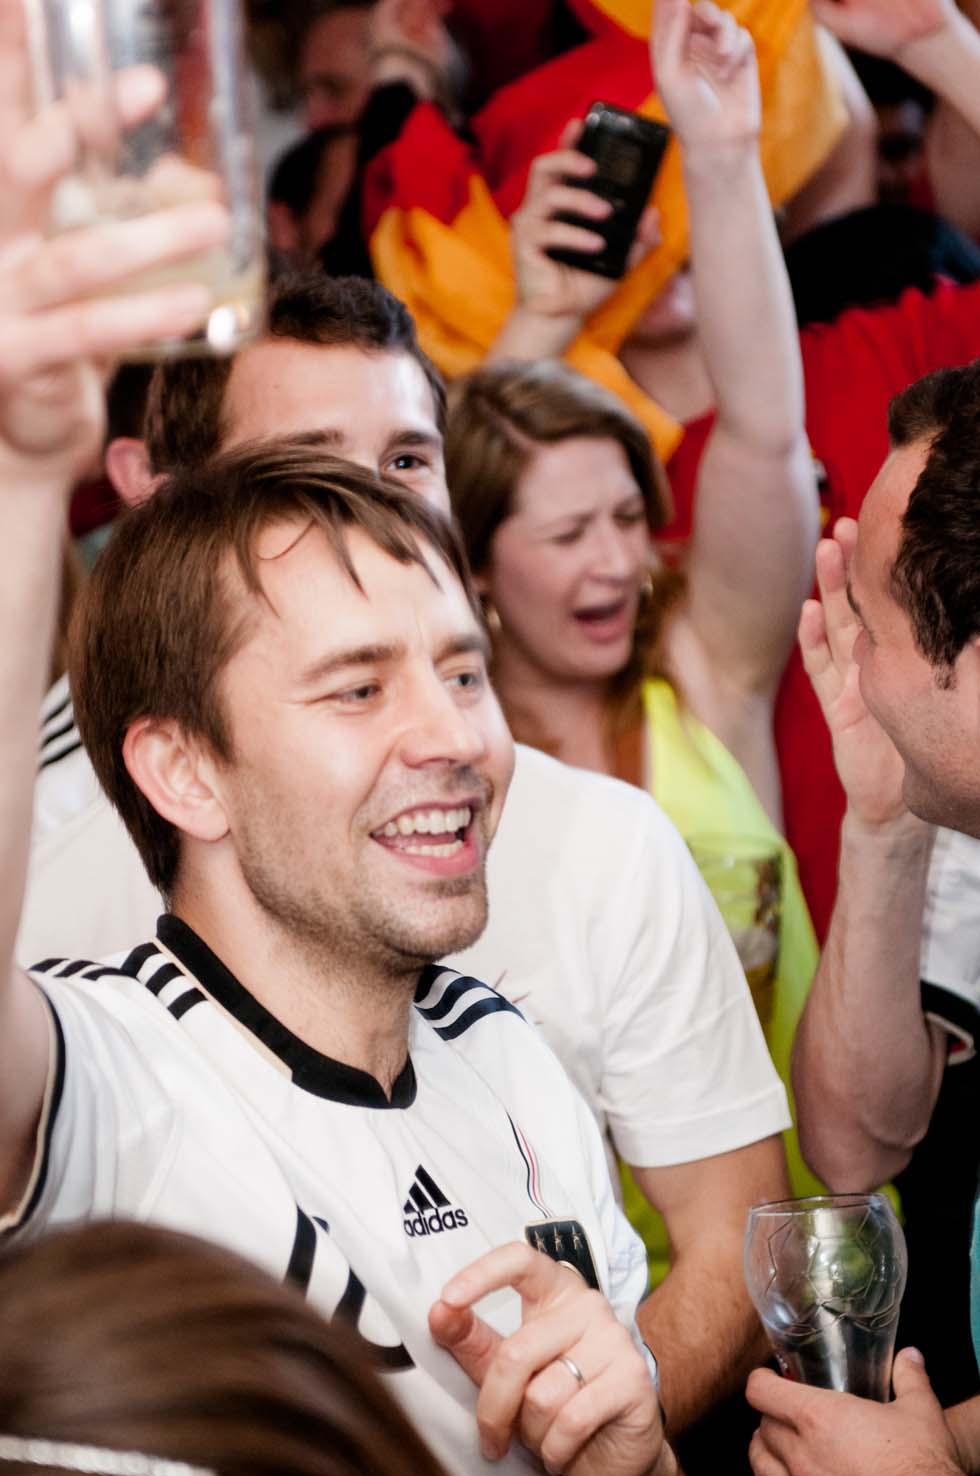 zum-schneider-nyc-2012-eurocup-germany-denmark-1351.jpg